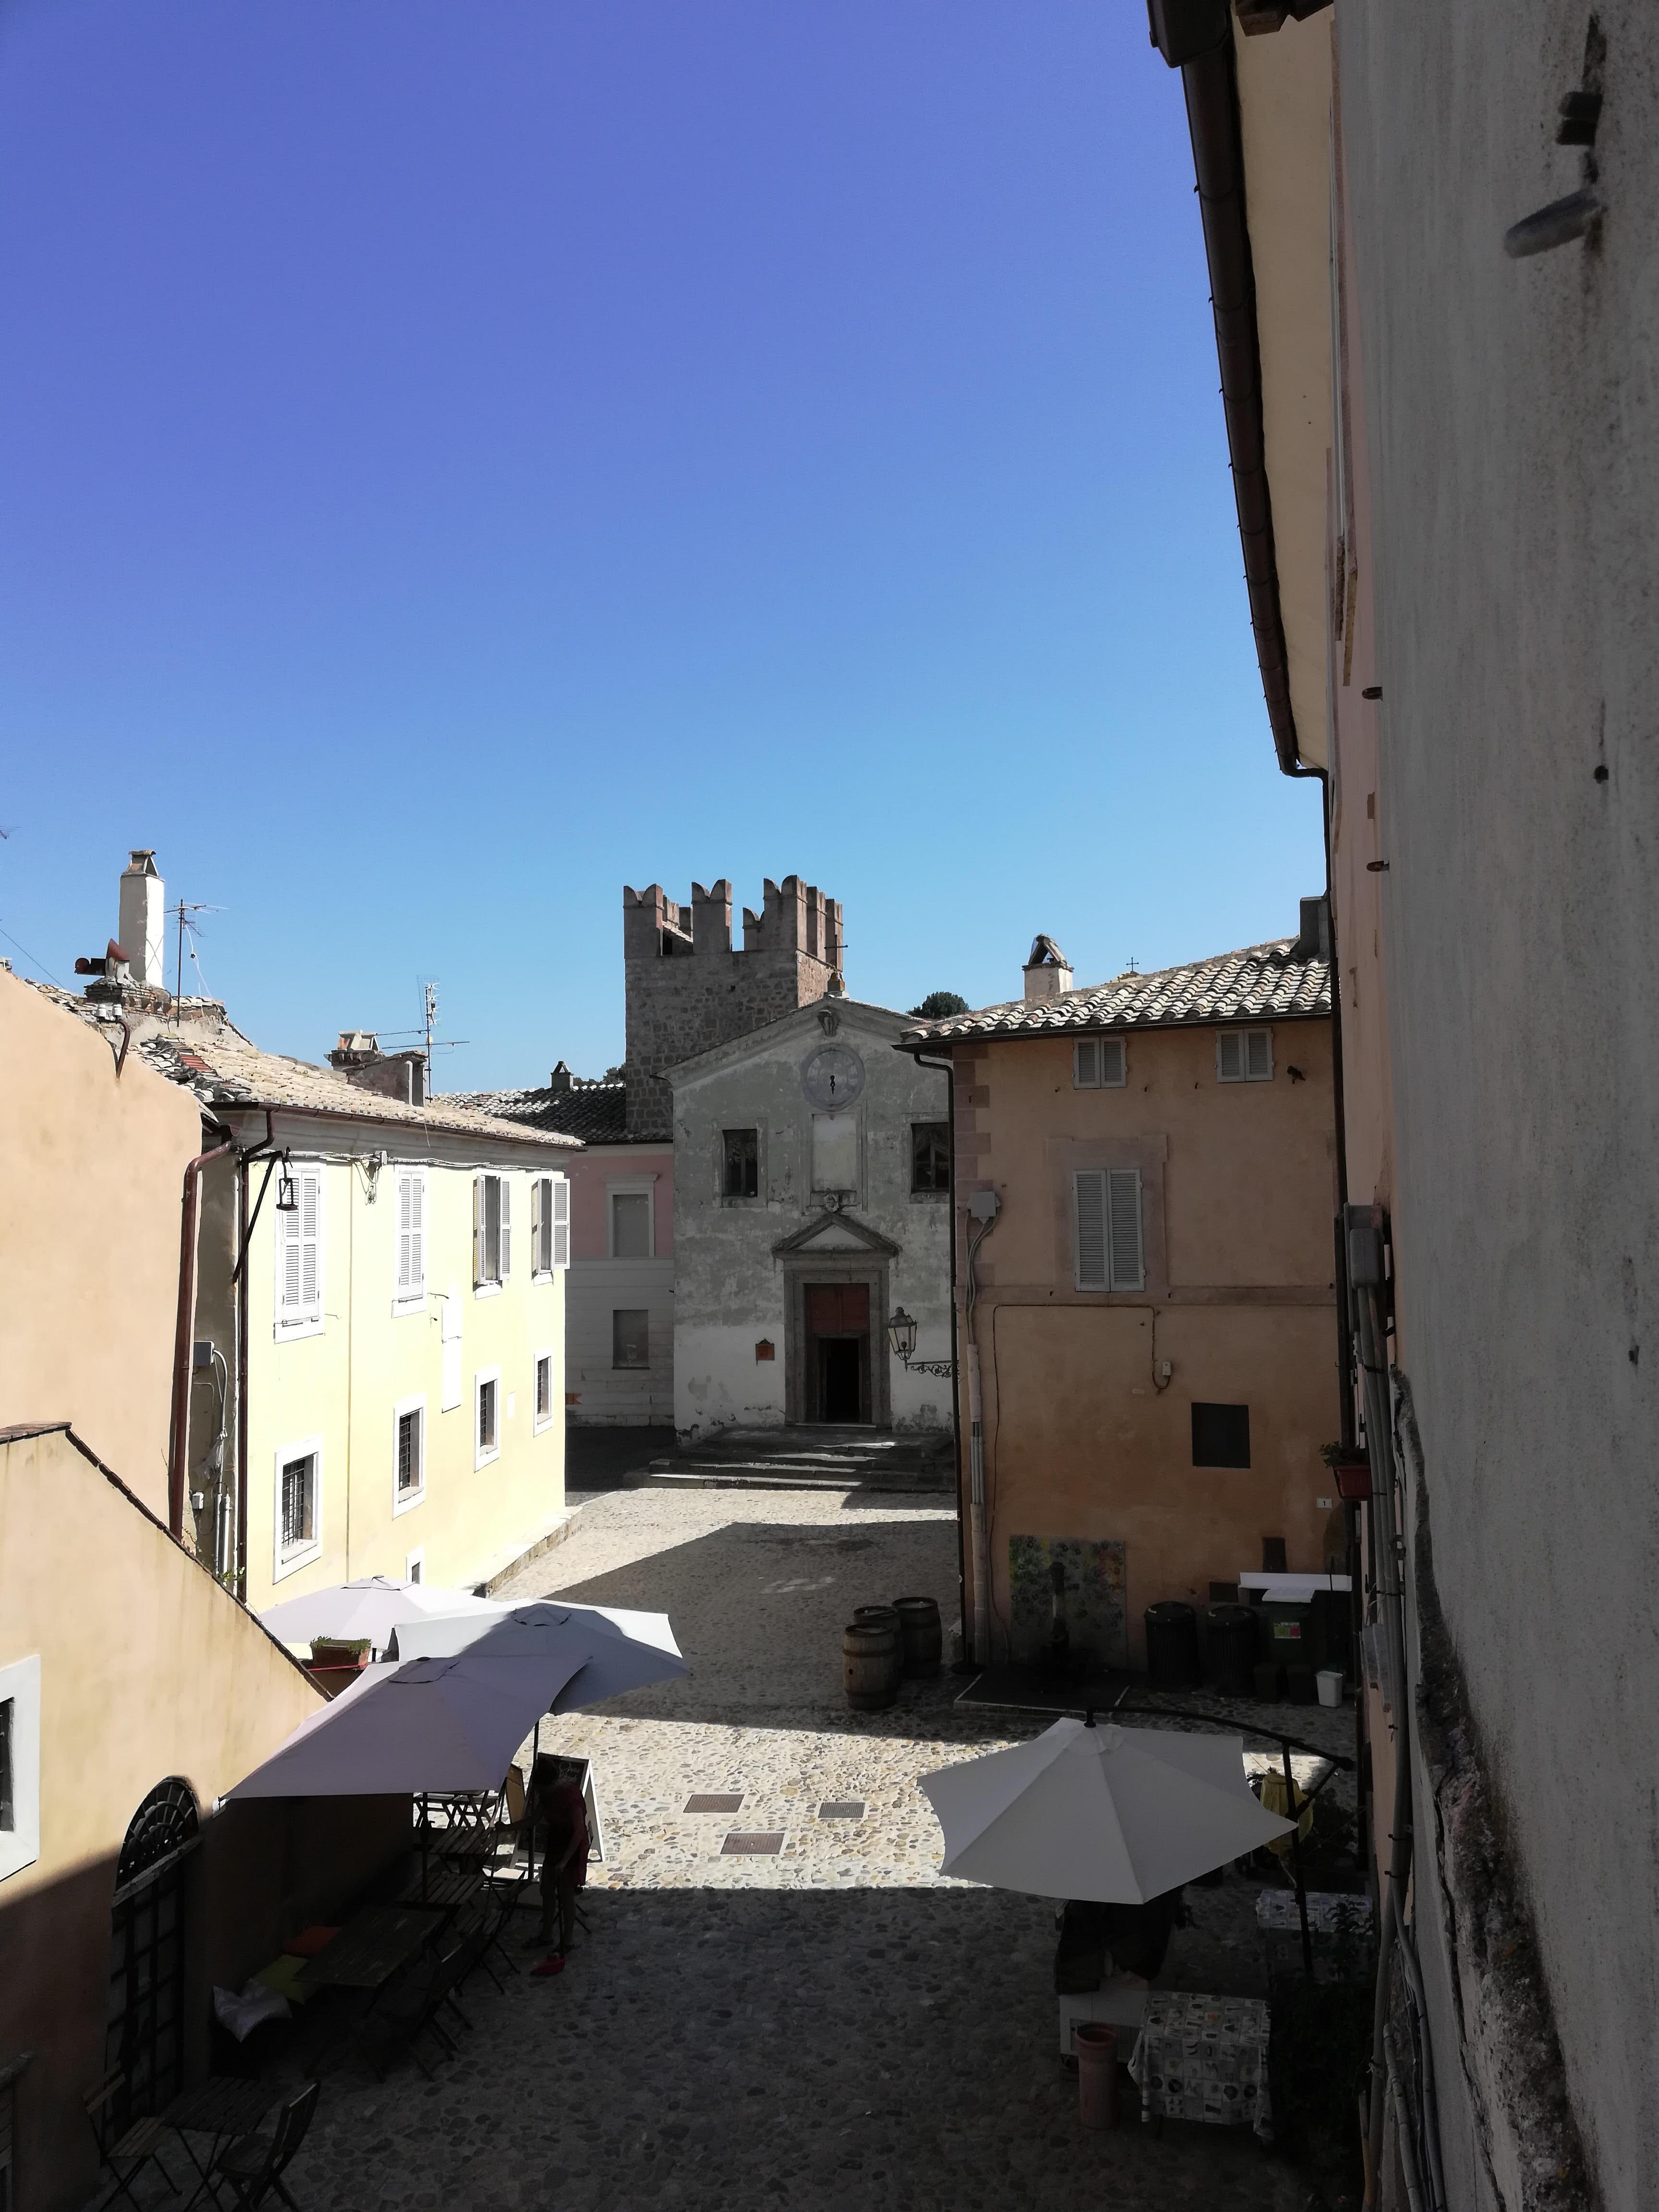 La piazza centrale di Calcata e la chiesa